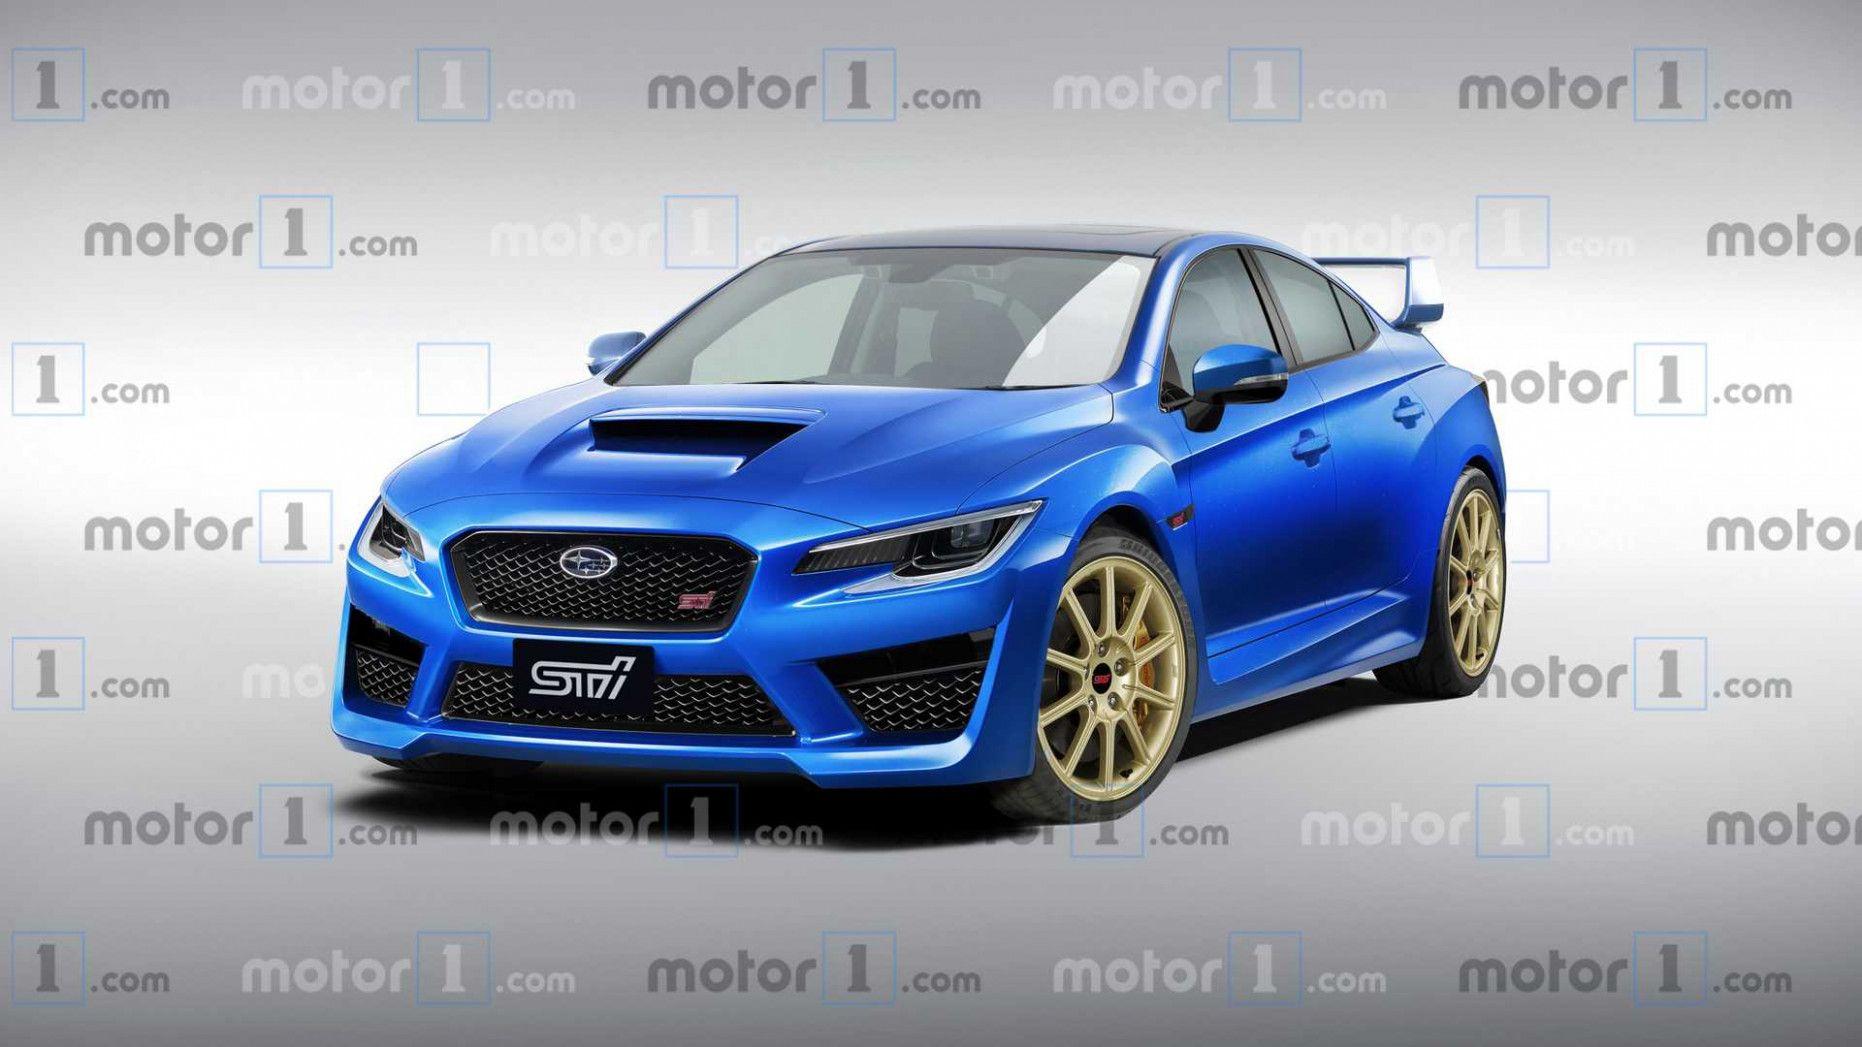 10 Image 2020 Subaru Impreza Price In 2020 Subaru Wrx Sti Hatchback Subaru Wrx Subaru Wrx Hatchback